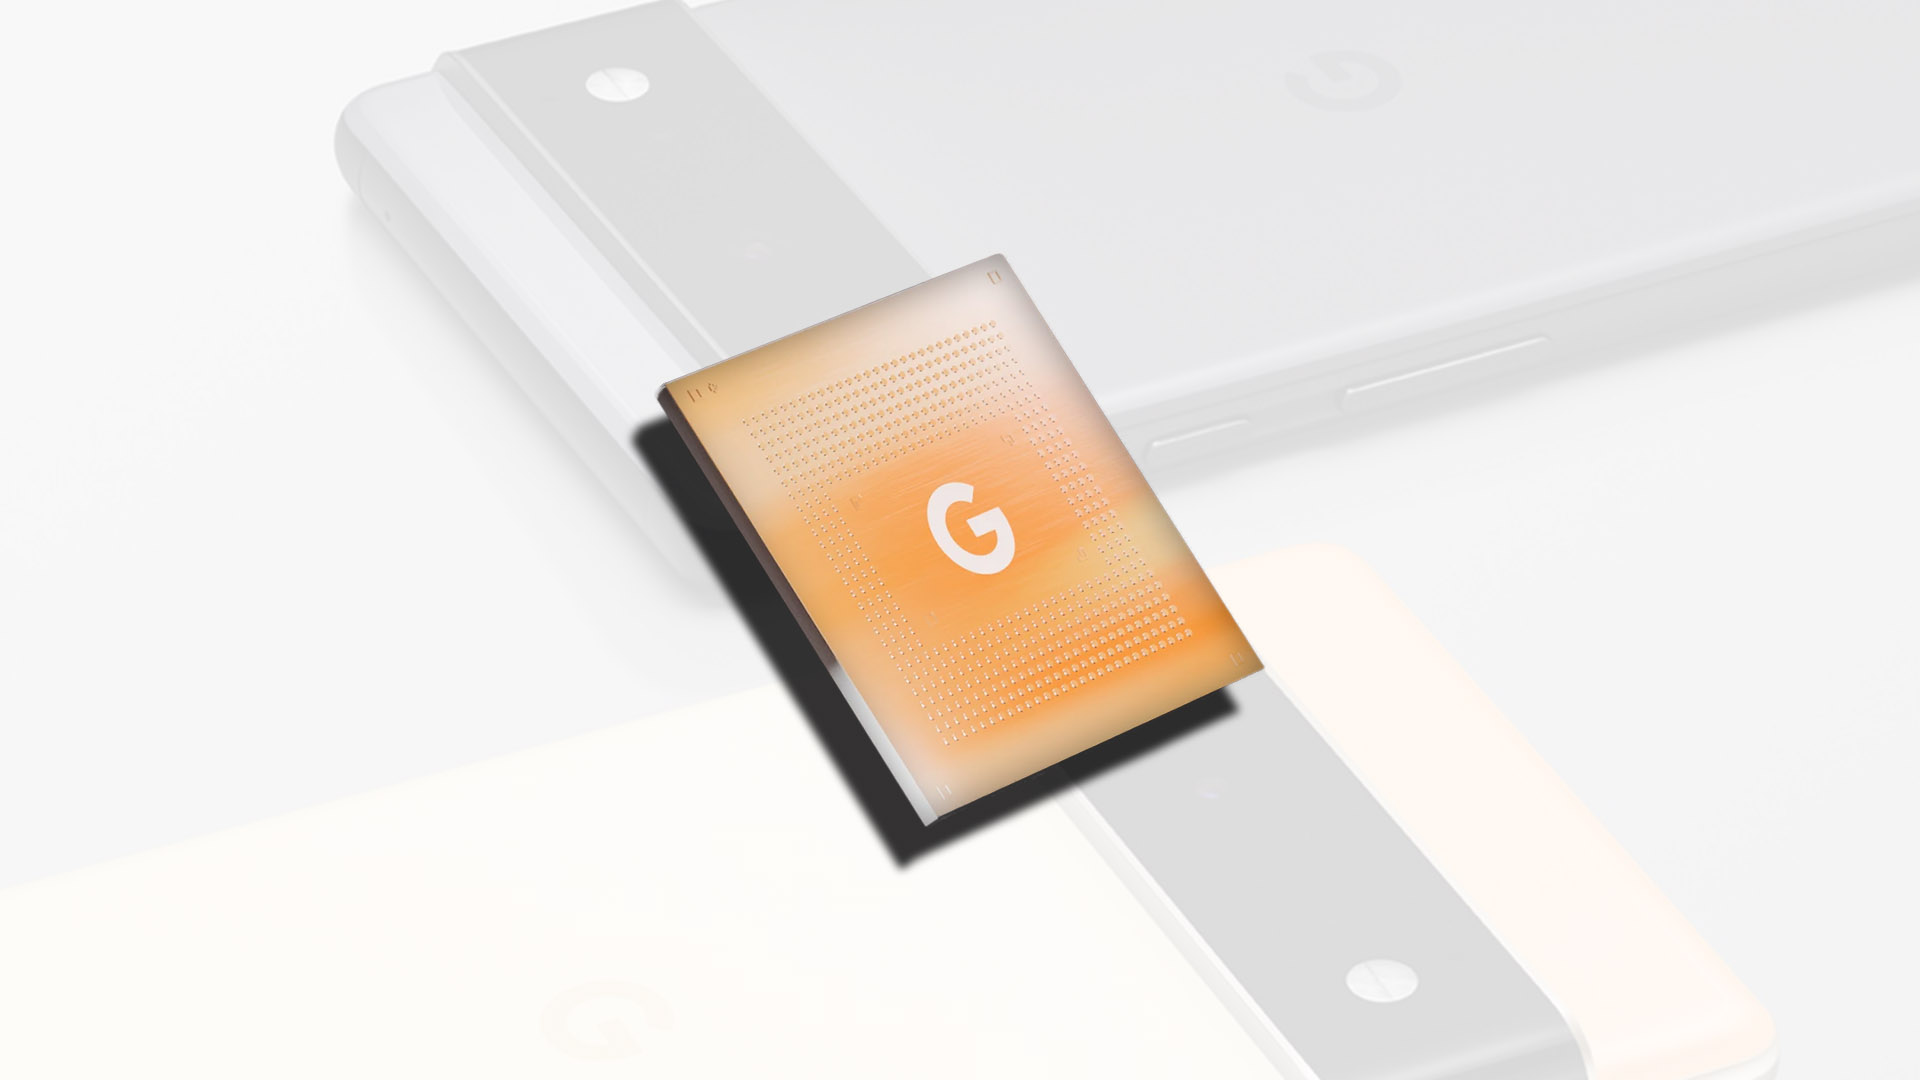 همکاری کوالکام با گوگل پس از معرفی تراشه اختصاصی Tensor نیز ادامه می یابد